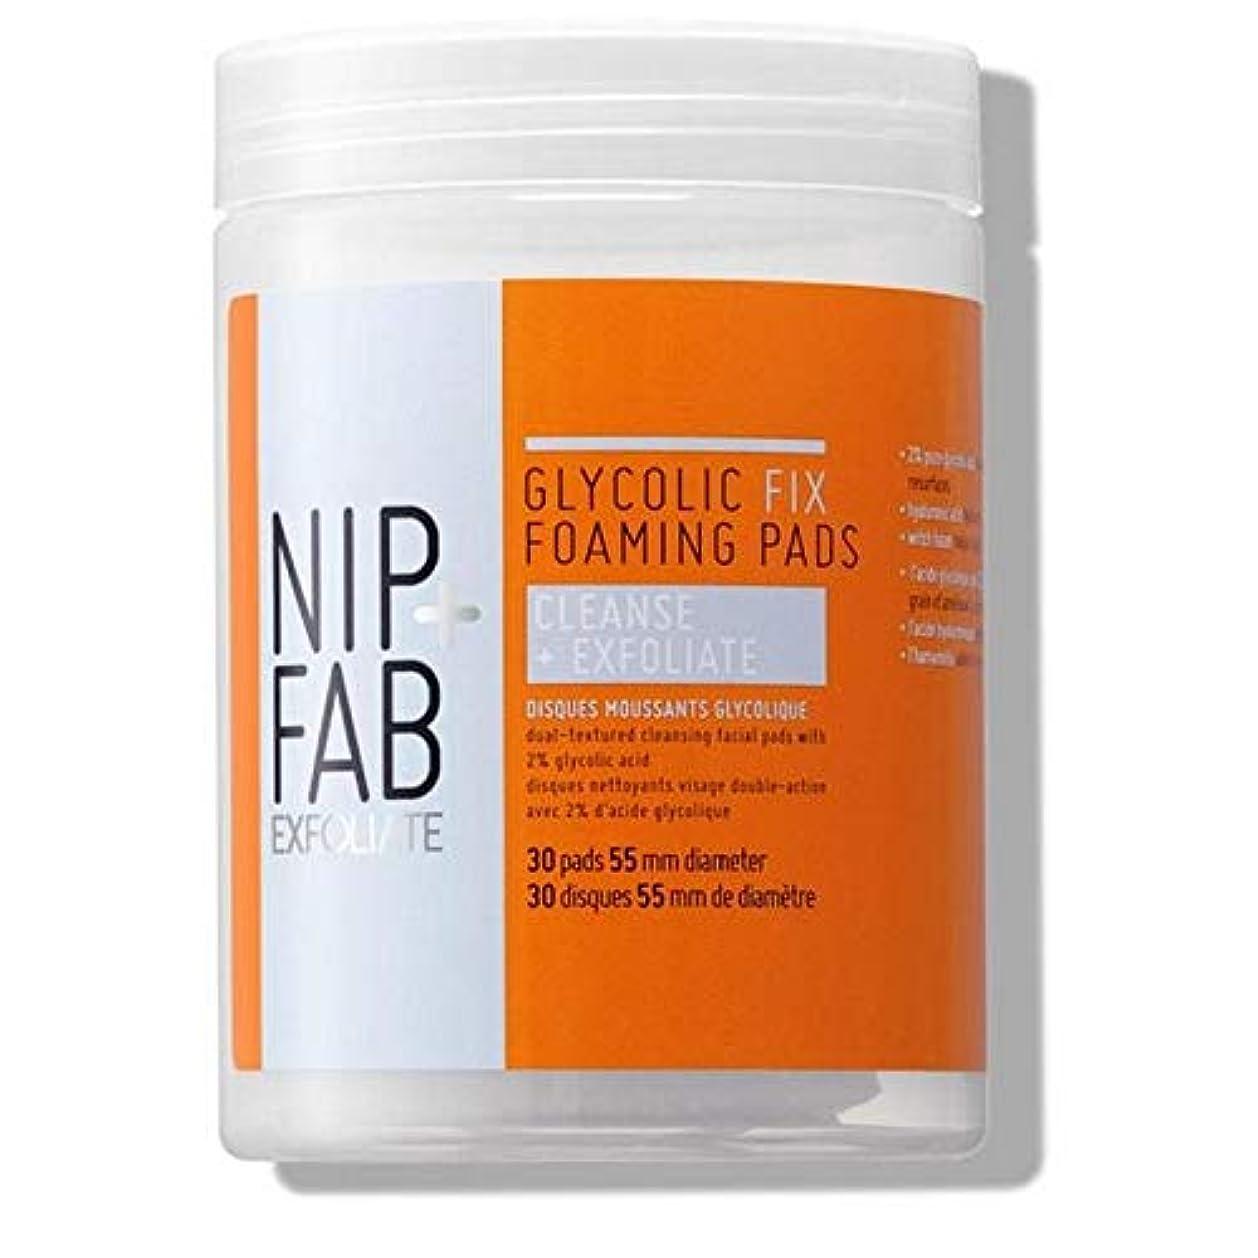 操作可能服を洗うフォアタイプ[Nip & Fab] + Fabグリコール修正発泡パッド95ミリリットルニップ - Nip+Fab Glycolic Fix Foaming Pads 95ml [並行輸入品]